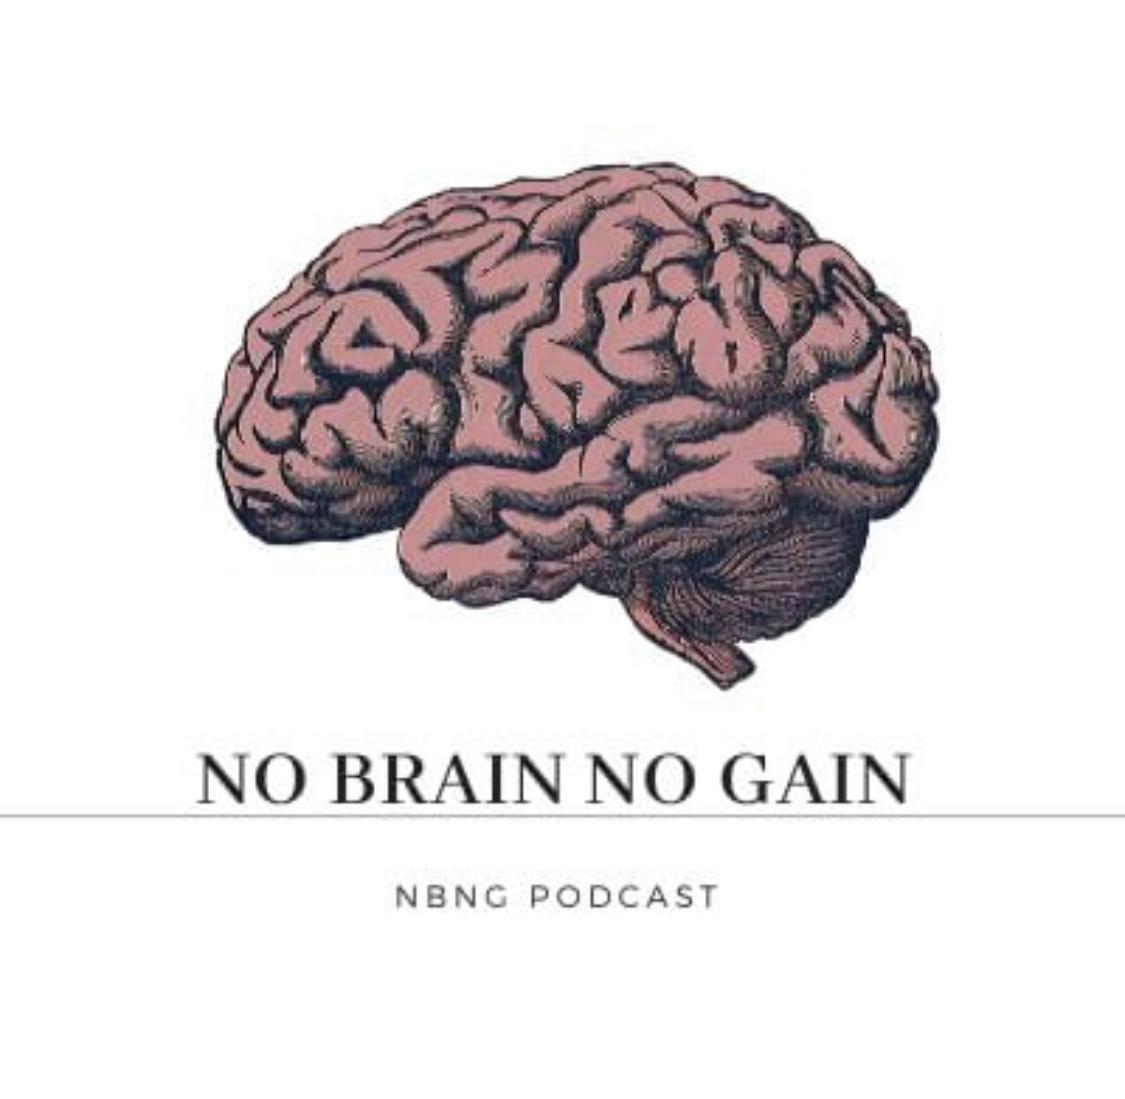 NBNG podcast - préparation physique - katchavenda romain